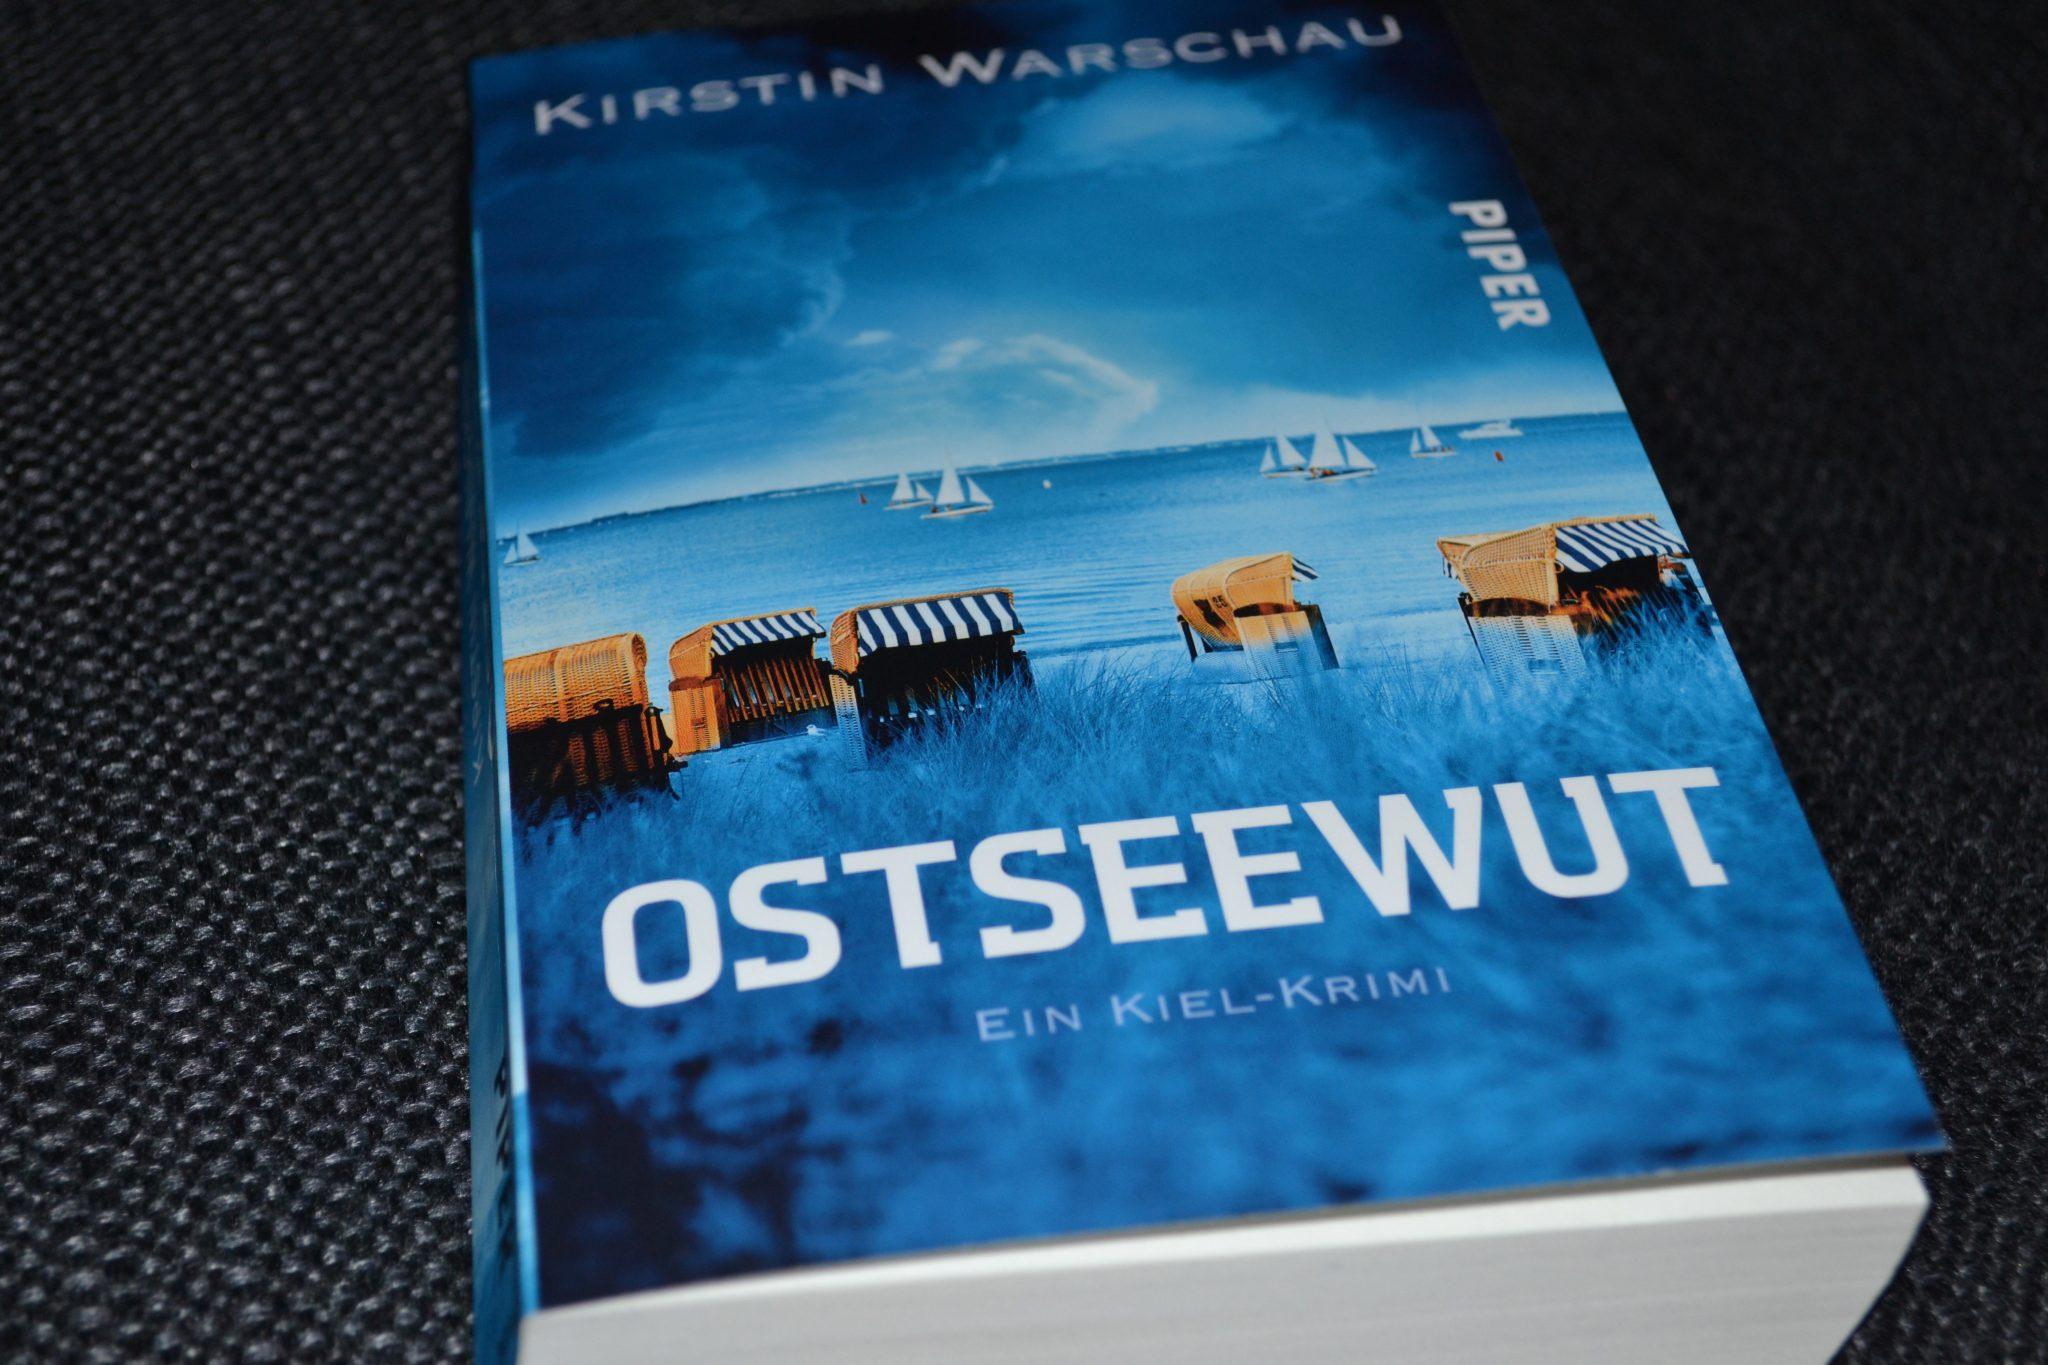 Books: Ostseewut | Kirstin Warschau